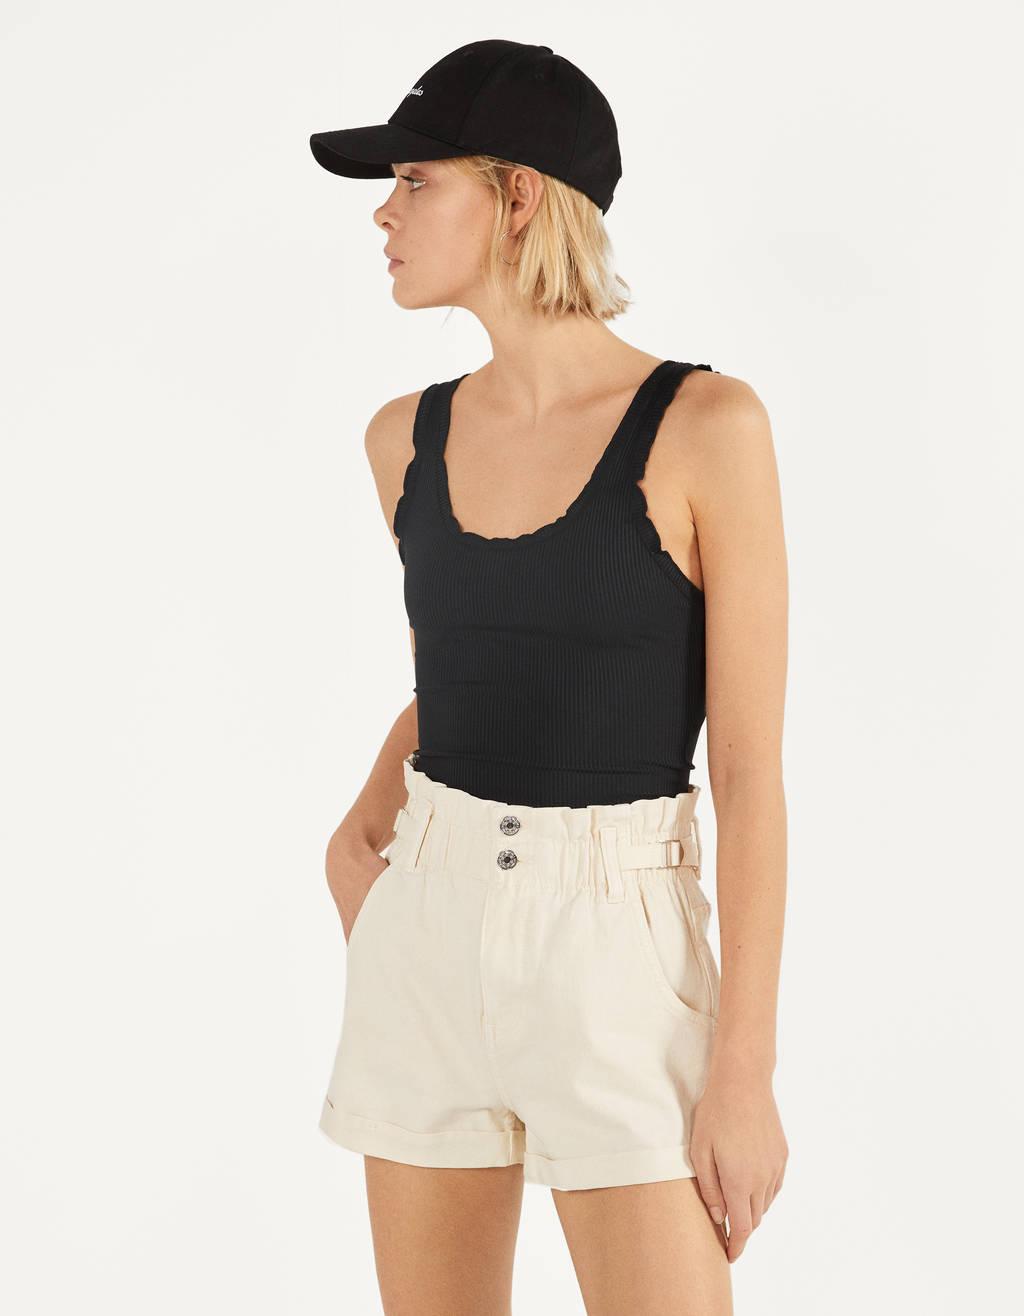 Kratke hlače z elastičnim pasom in zaponko za pas.